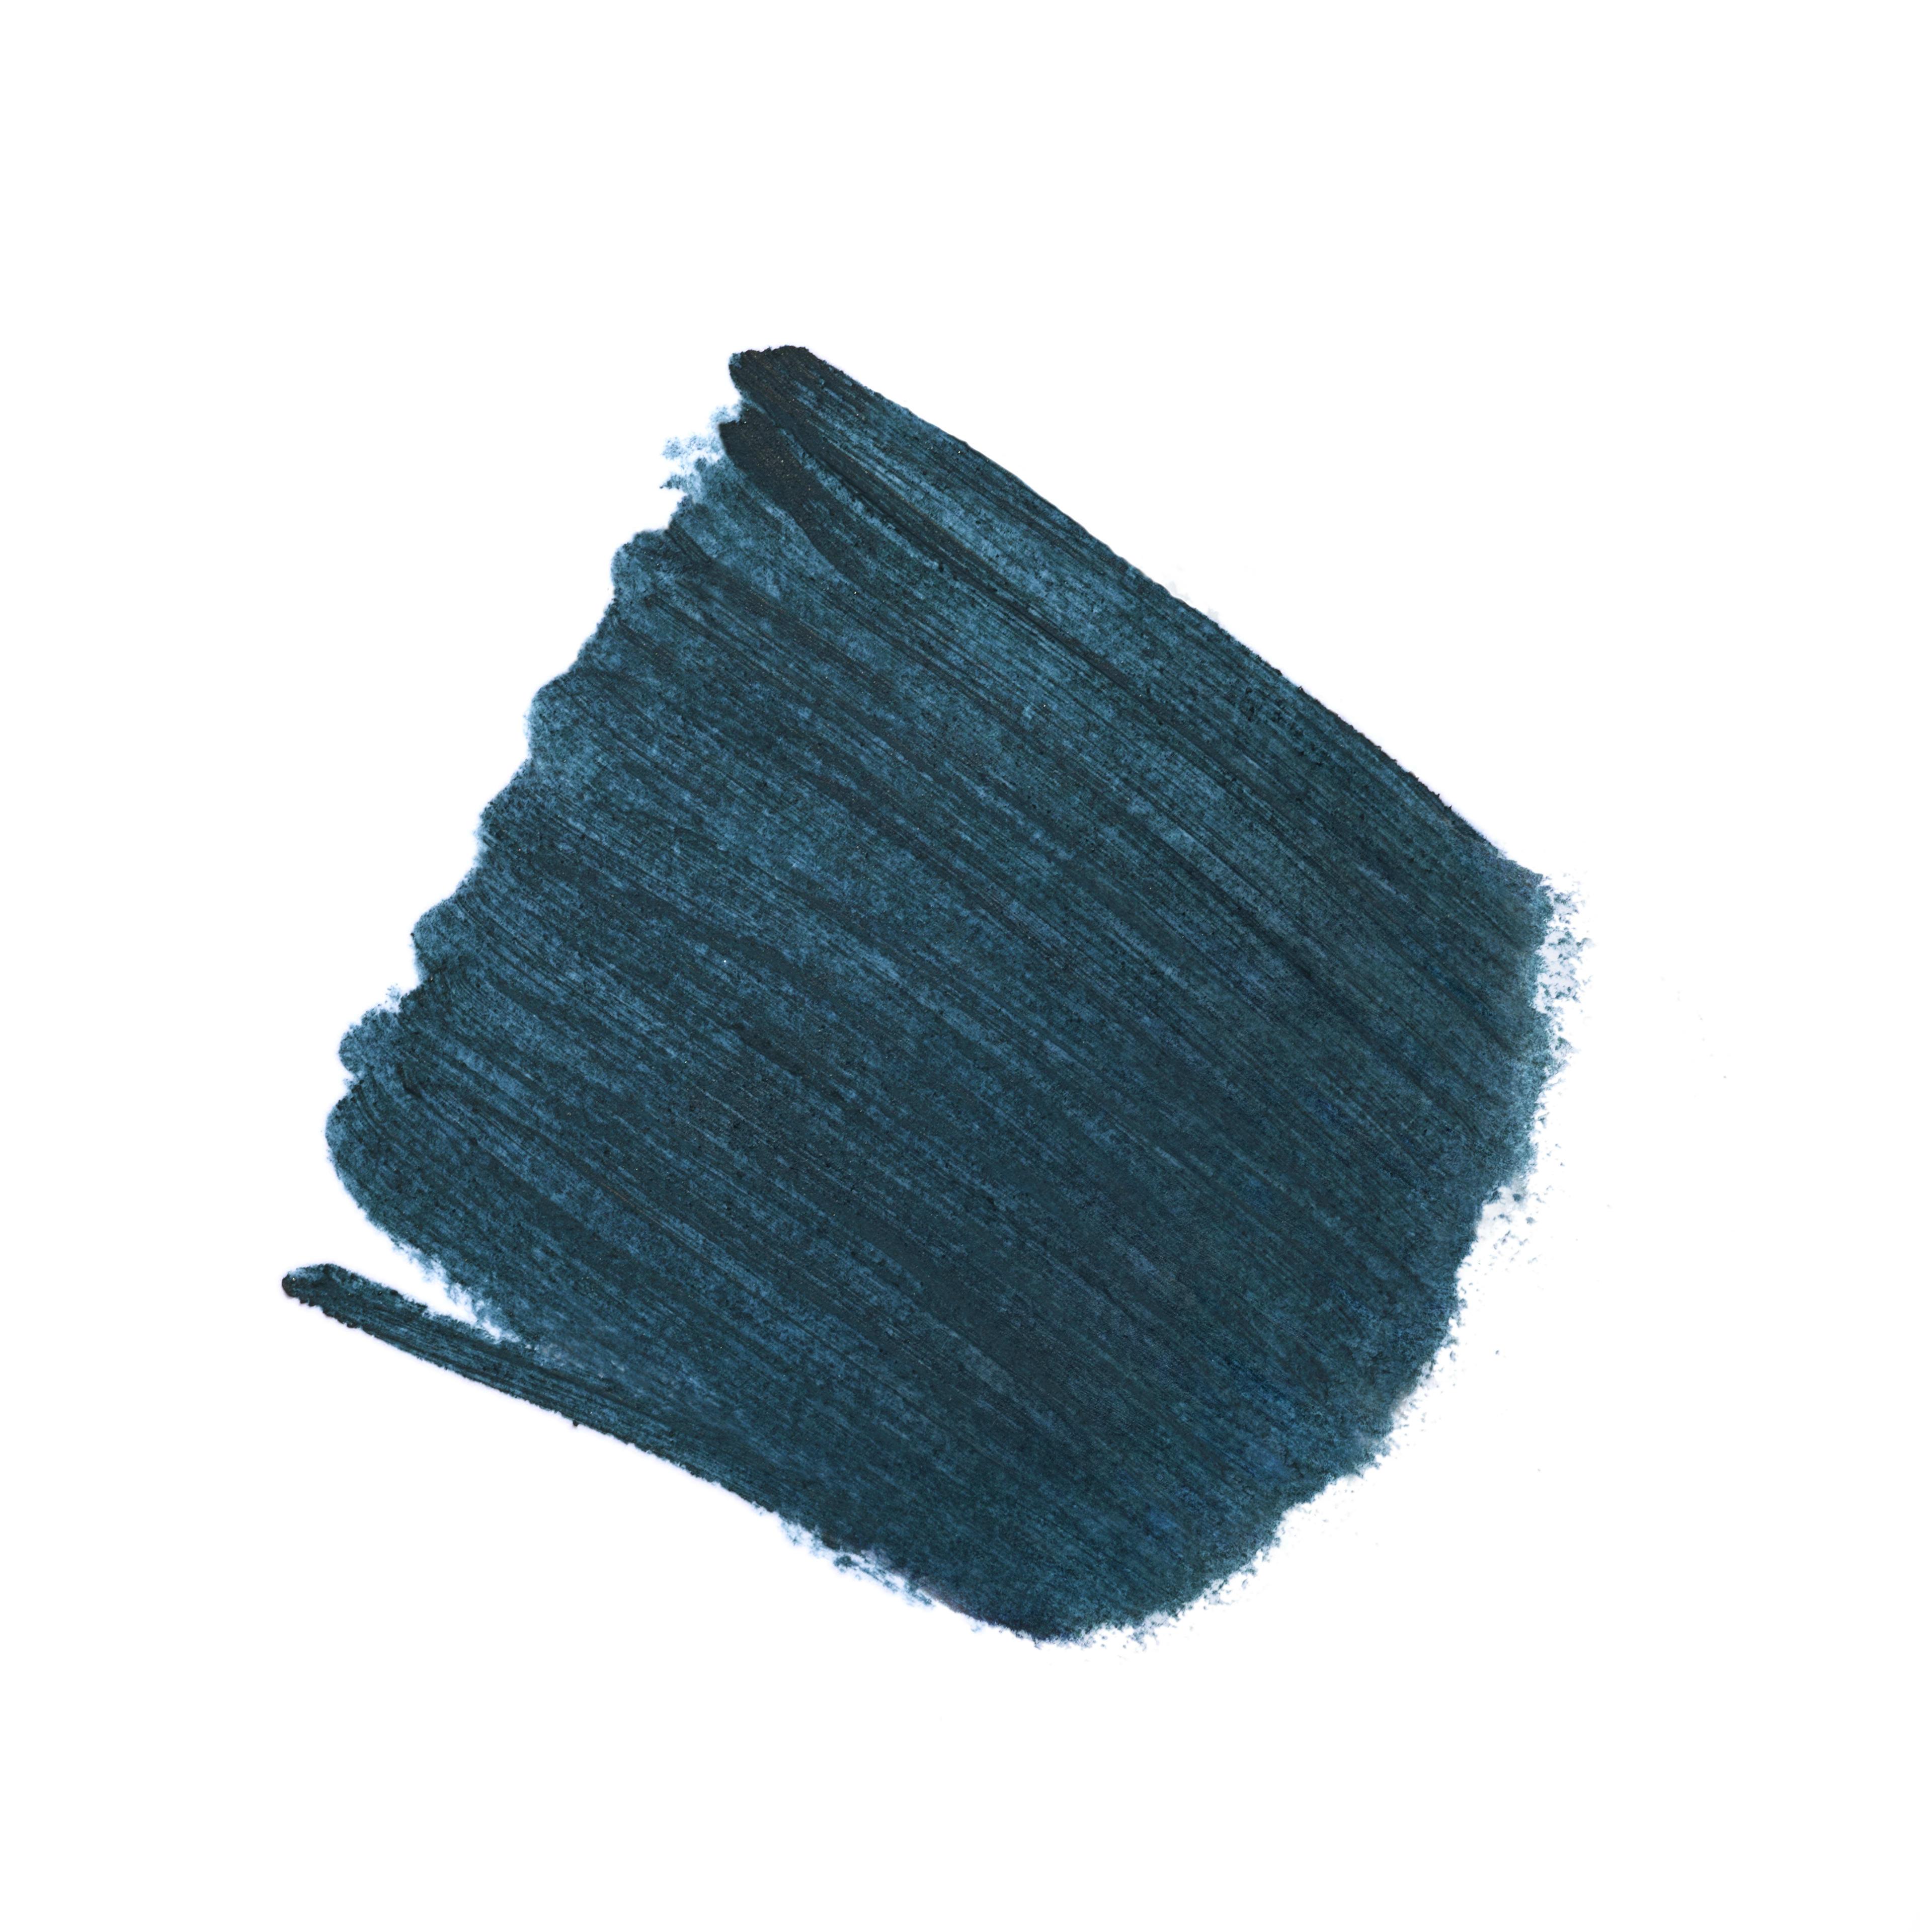 STYLO OMBRE ET CONTOUR - makeup - 0.8g - Basic texture view